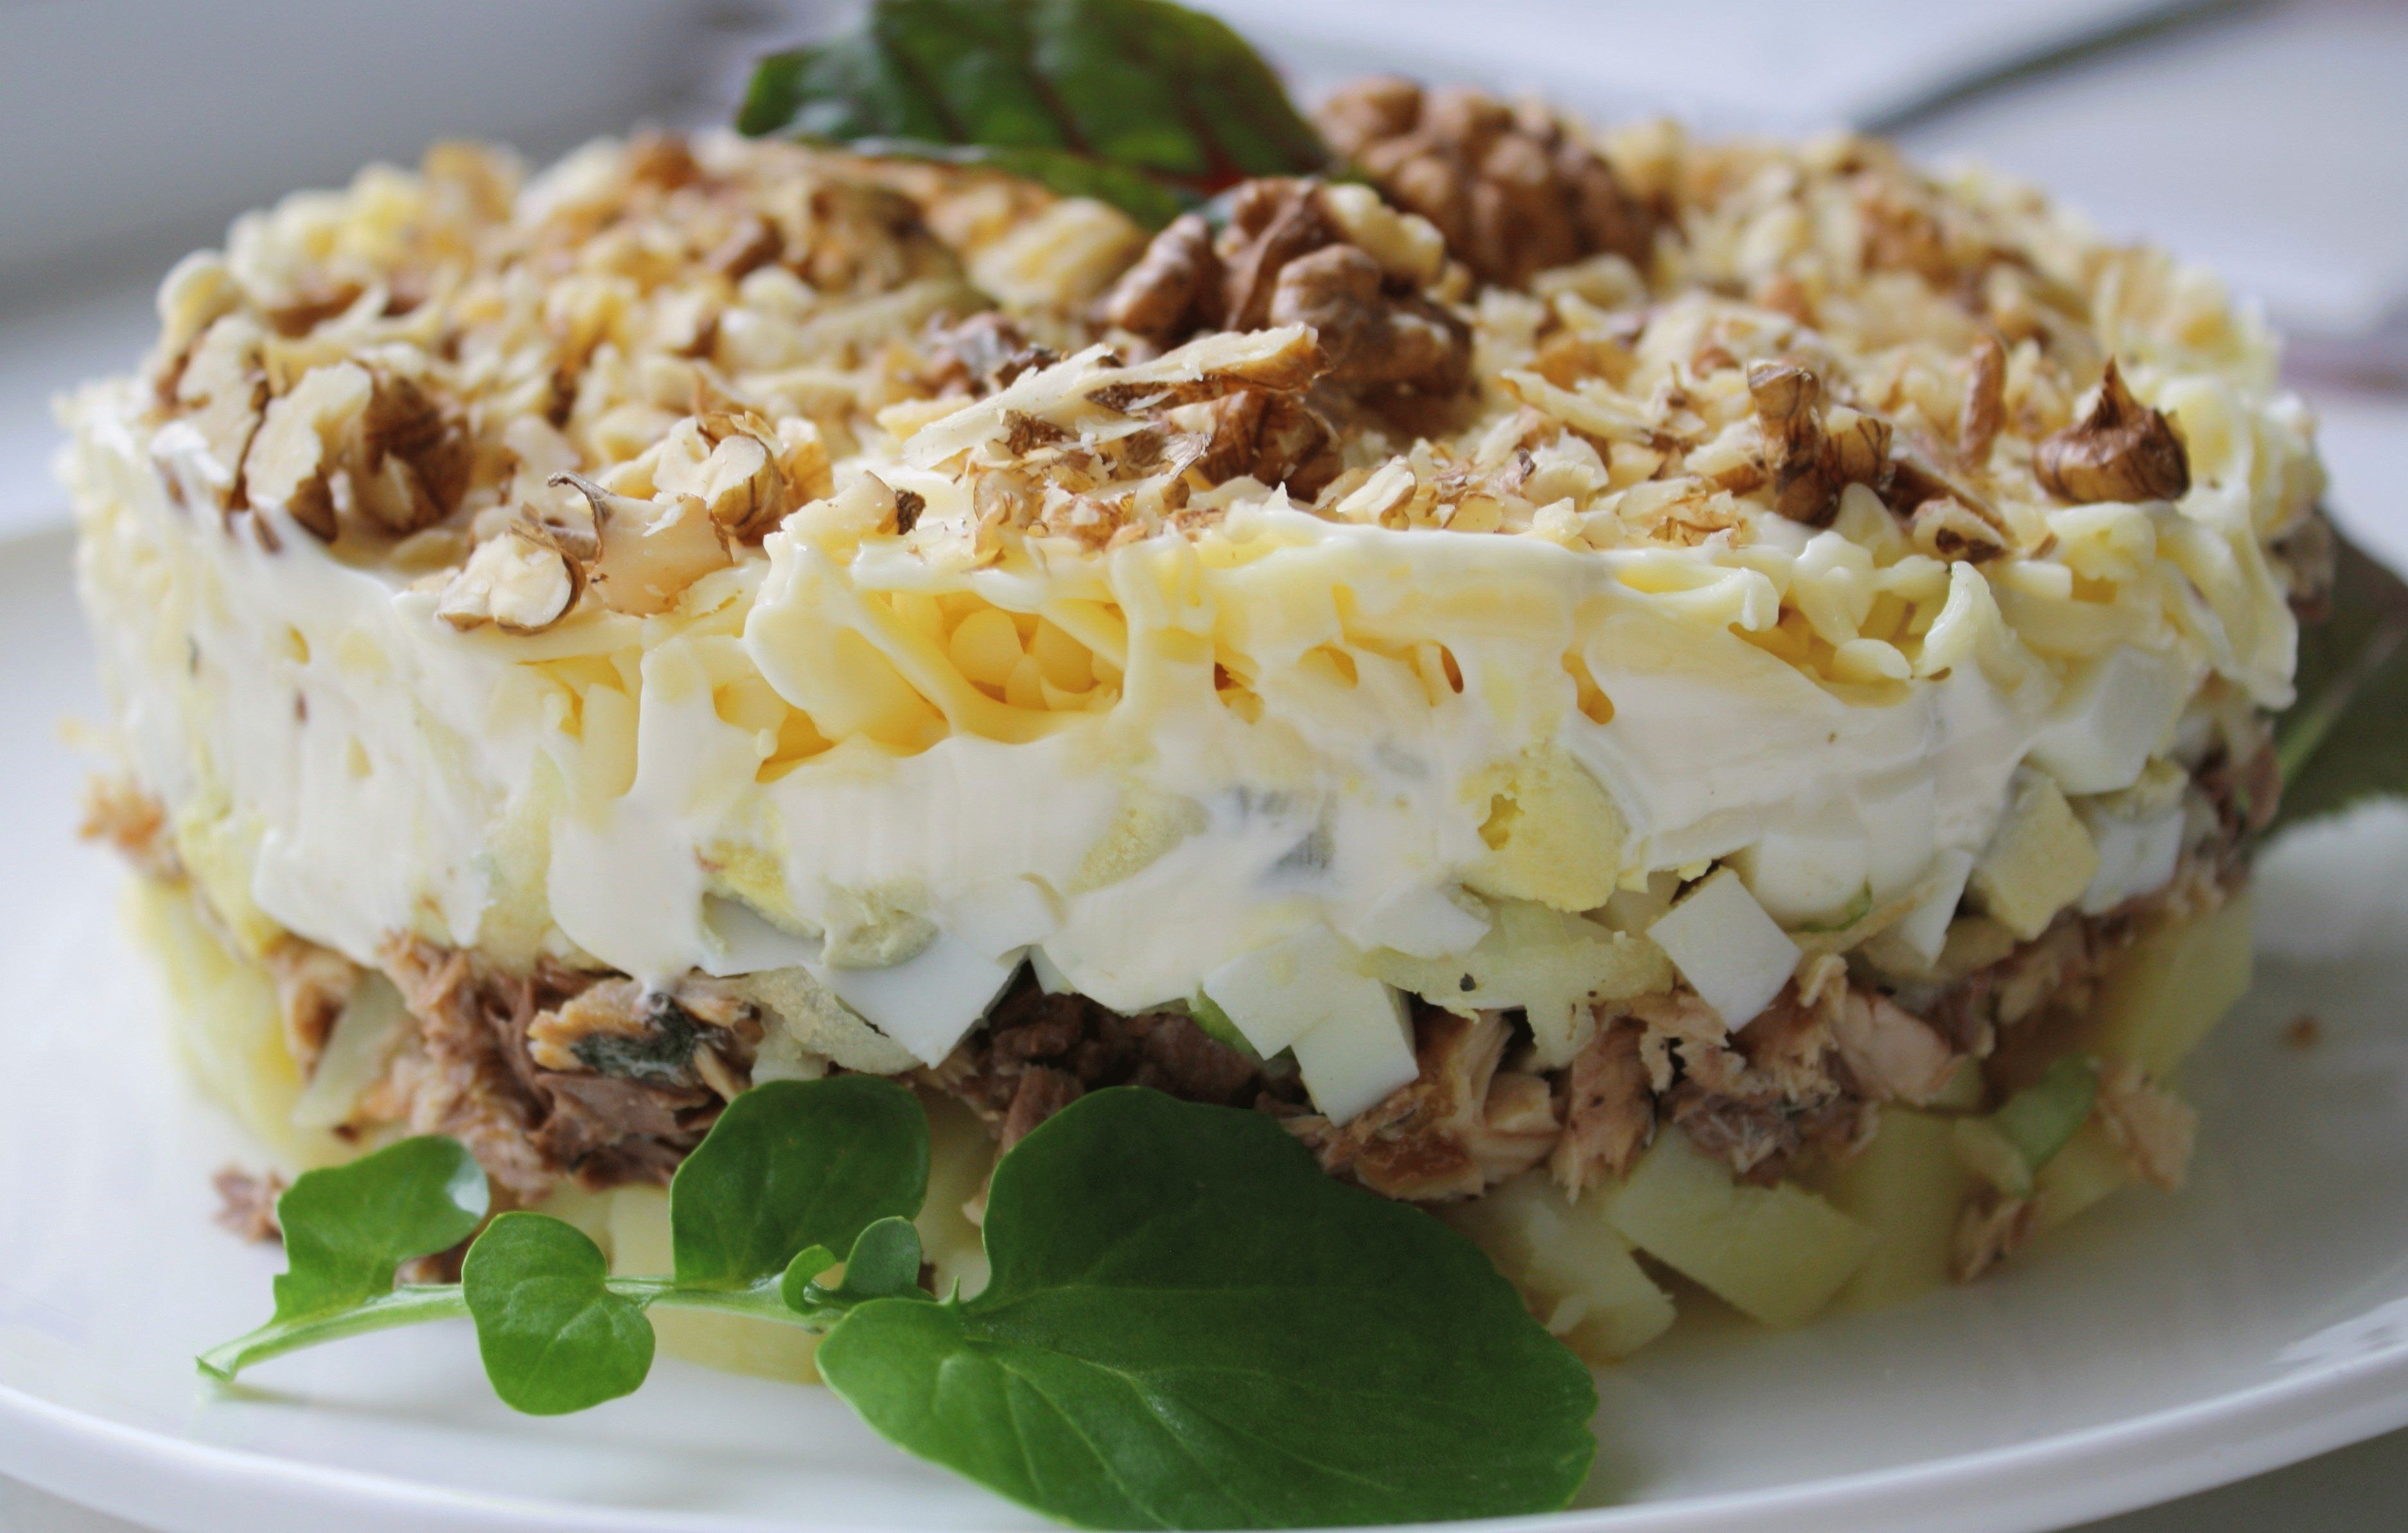 вас салат австрийский рецепт с фото пошагово второй половине боя